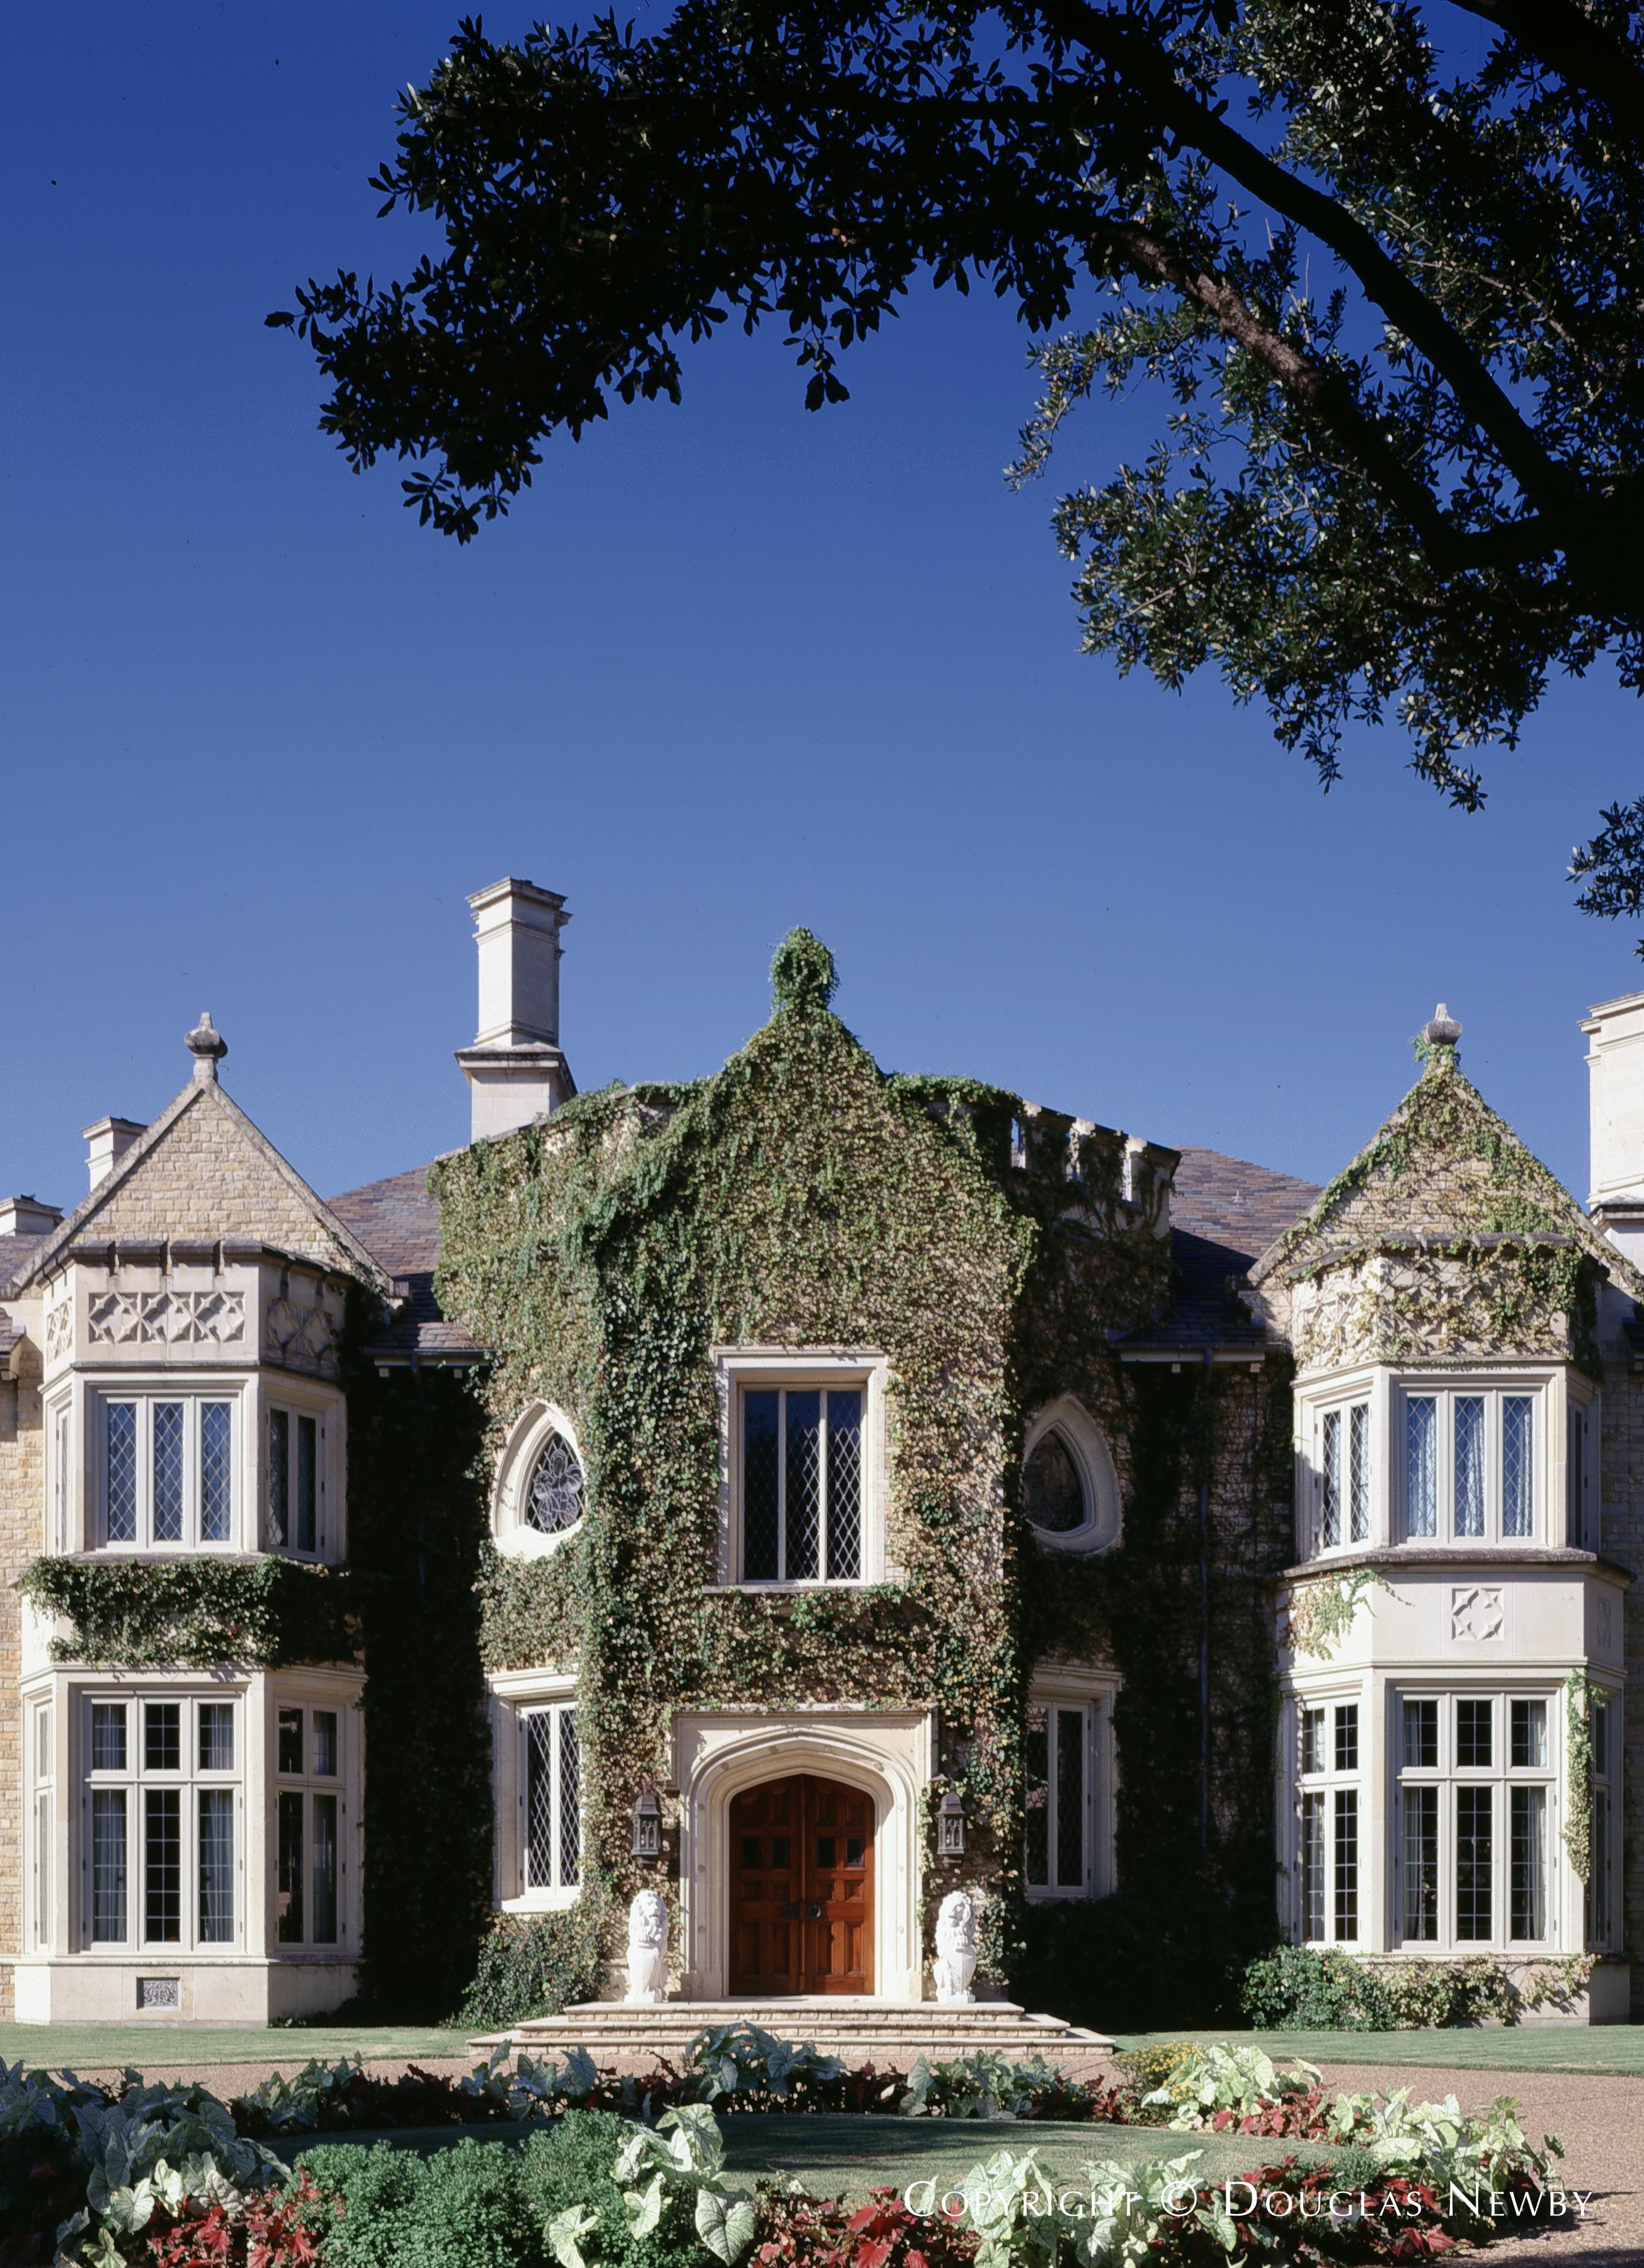 Preston Hollow Real Estate on 4.92 Acres